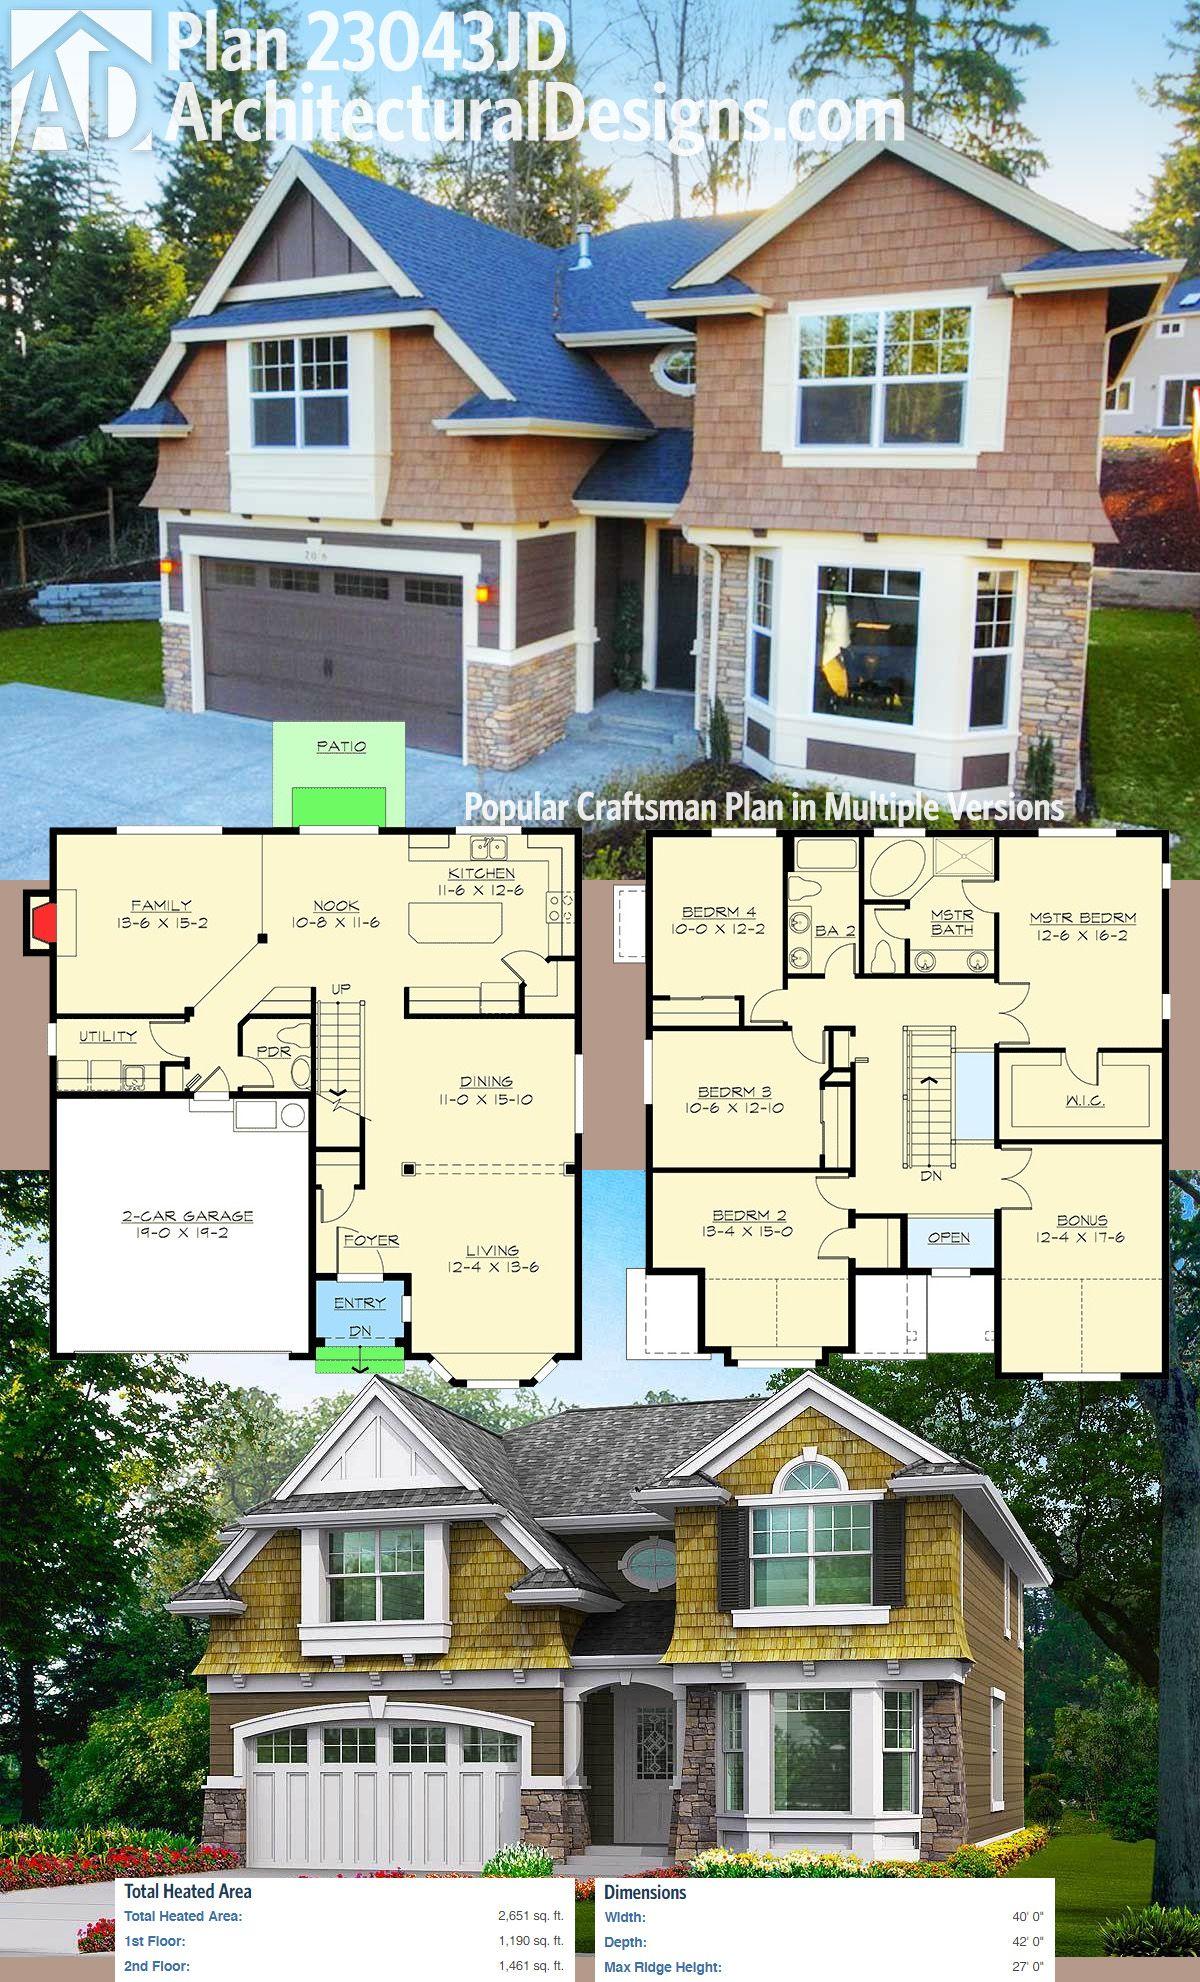 Plan 23043JD: Popular Craftsman Plan in Multiple Versions ...